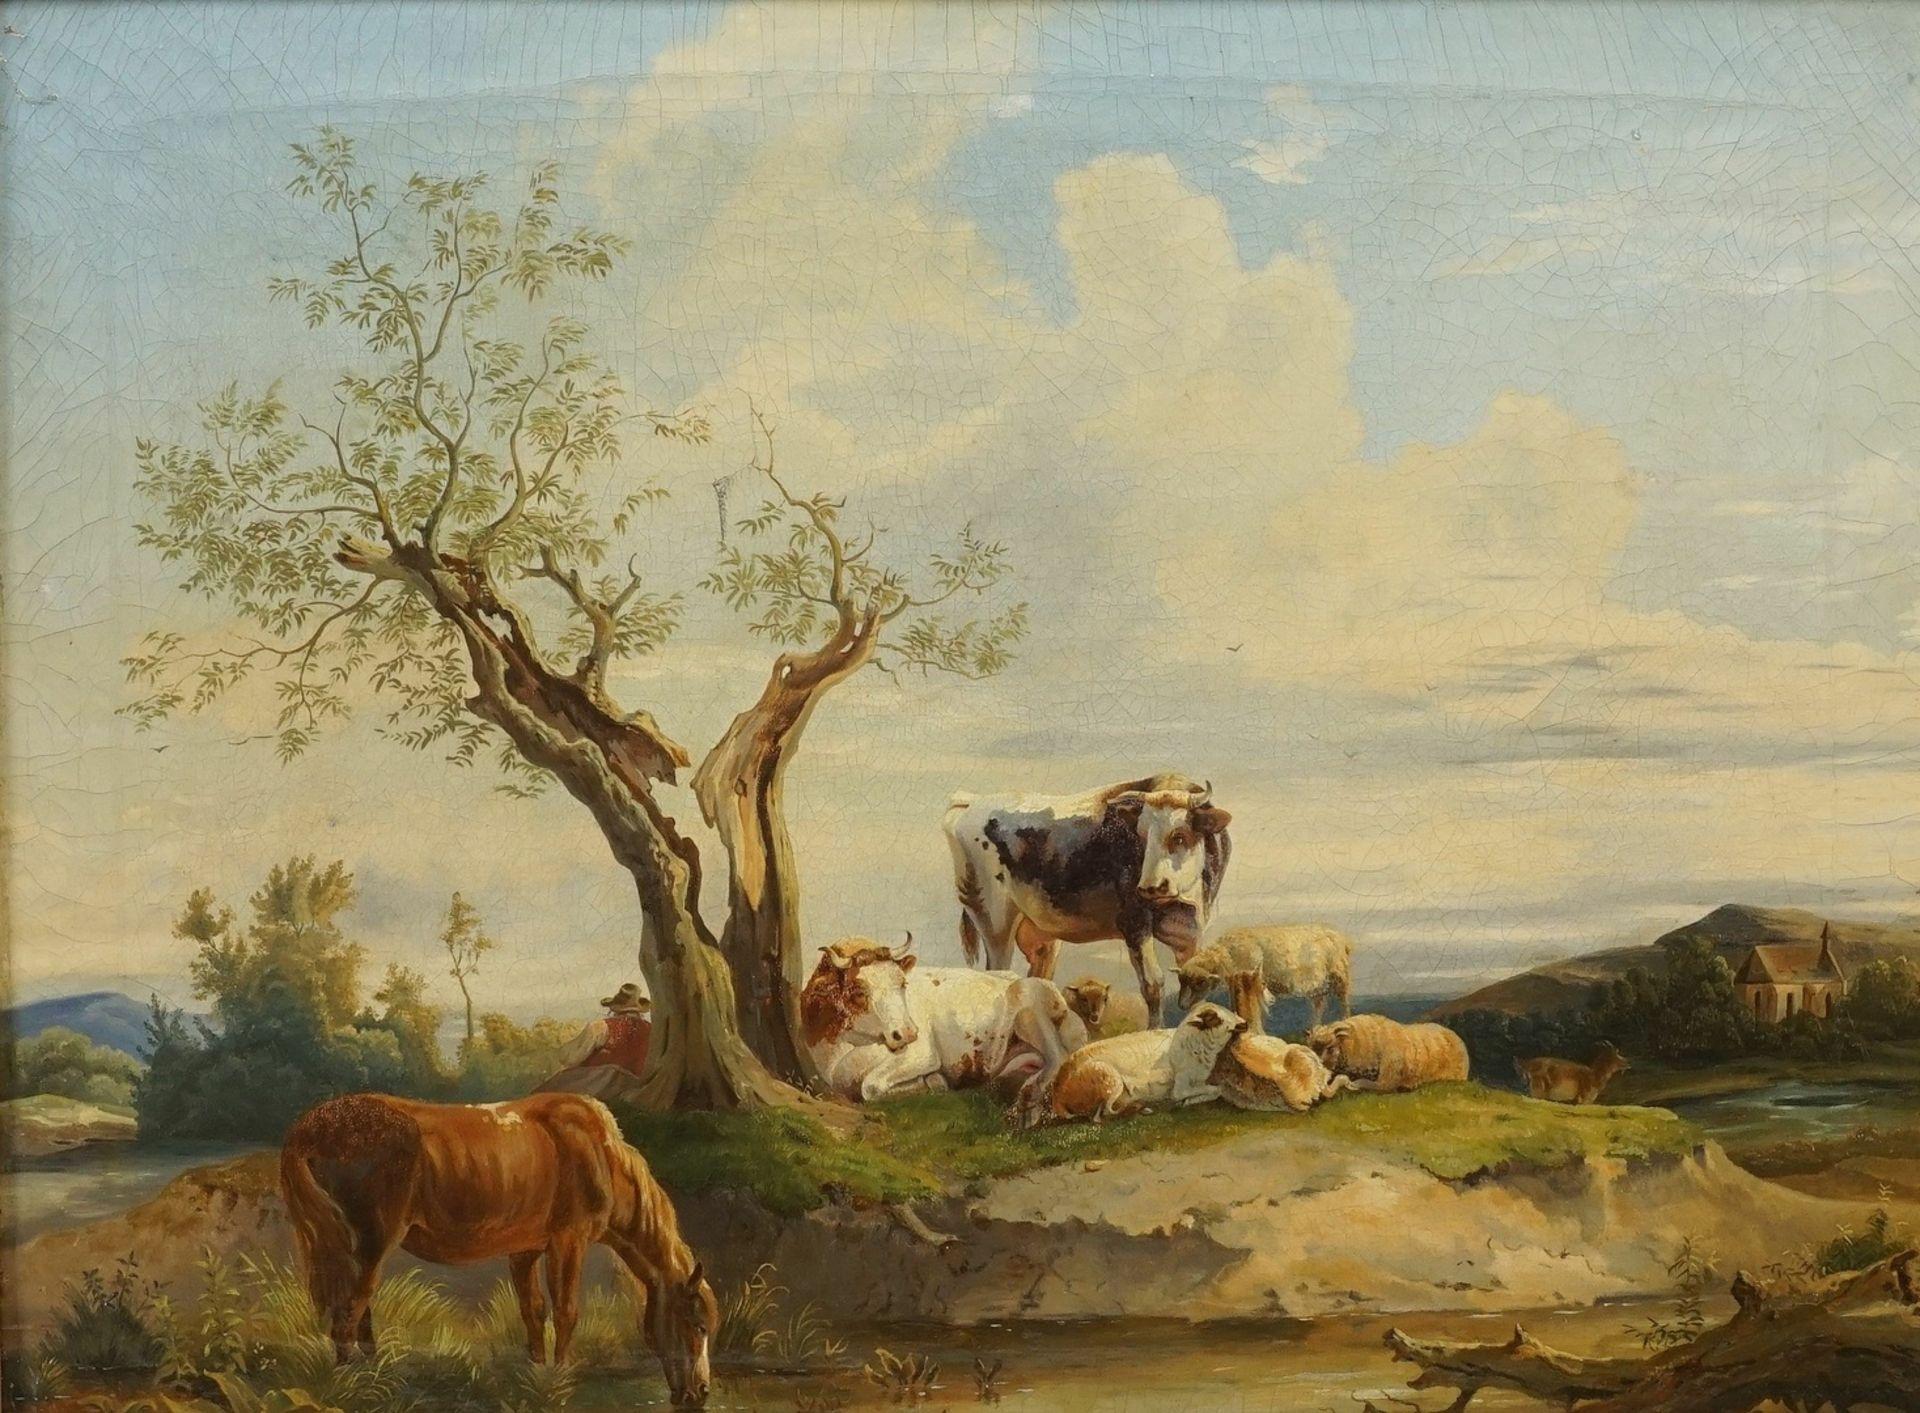 Edmund Mahlknecht, Rastender Hirte mit Pferd, Kühen und Schafen